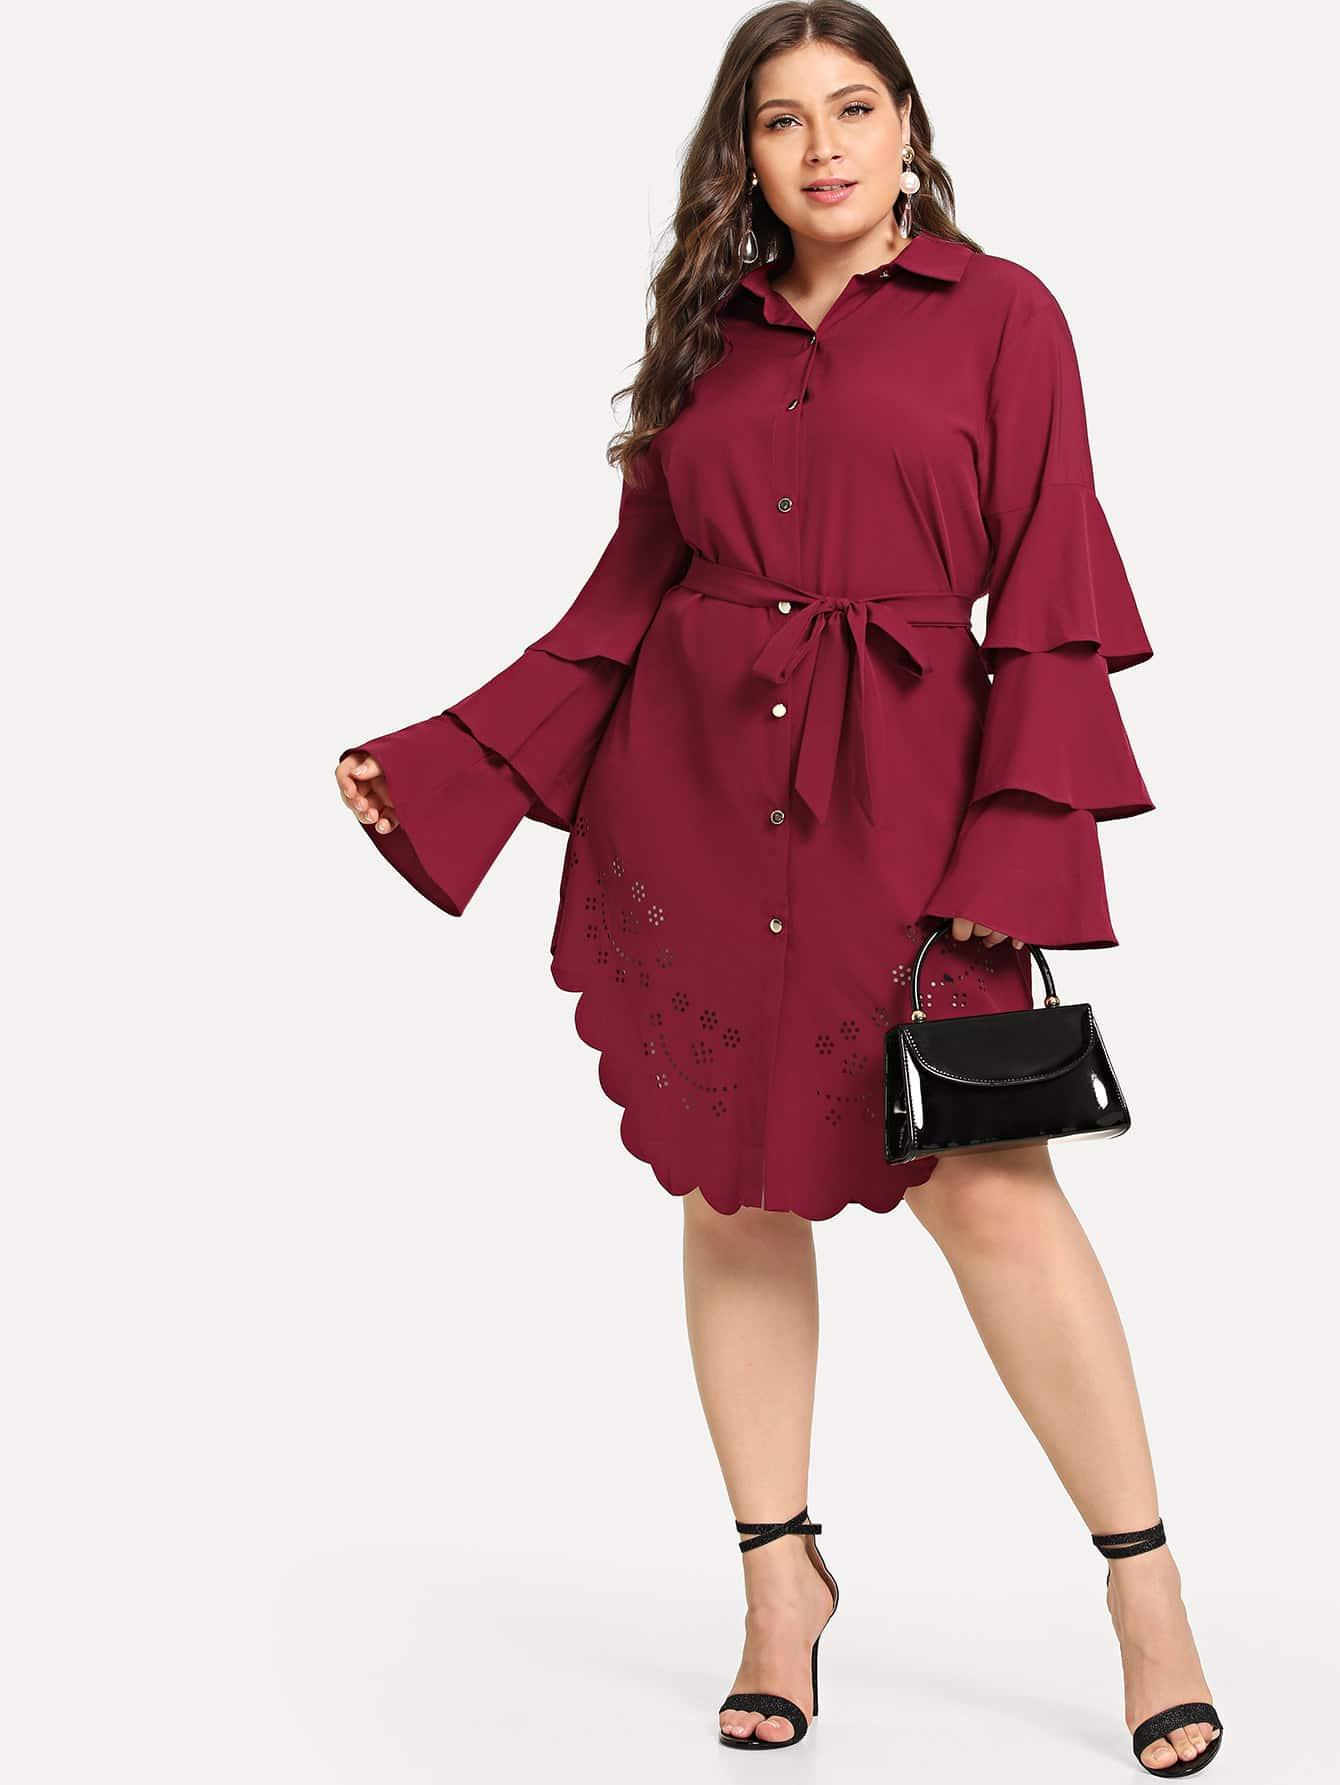 e1860c31fc9 Бордовый Кайма Одноцветный Повседневные Платья размера плюс